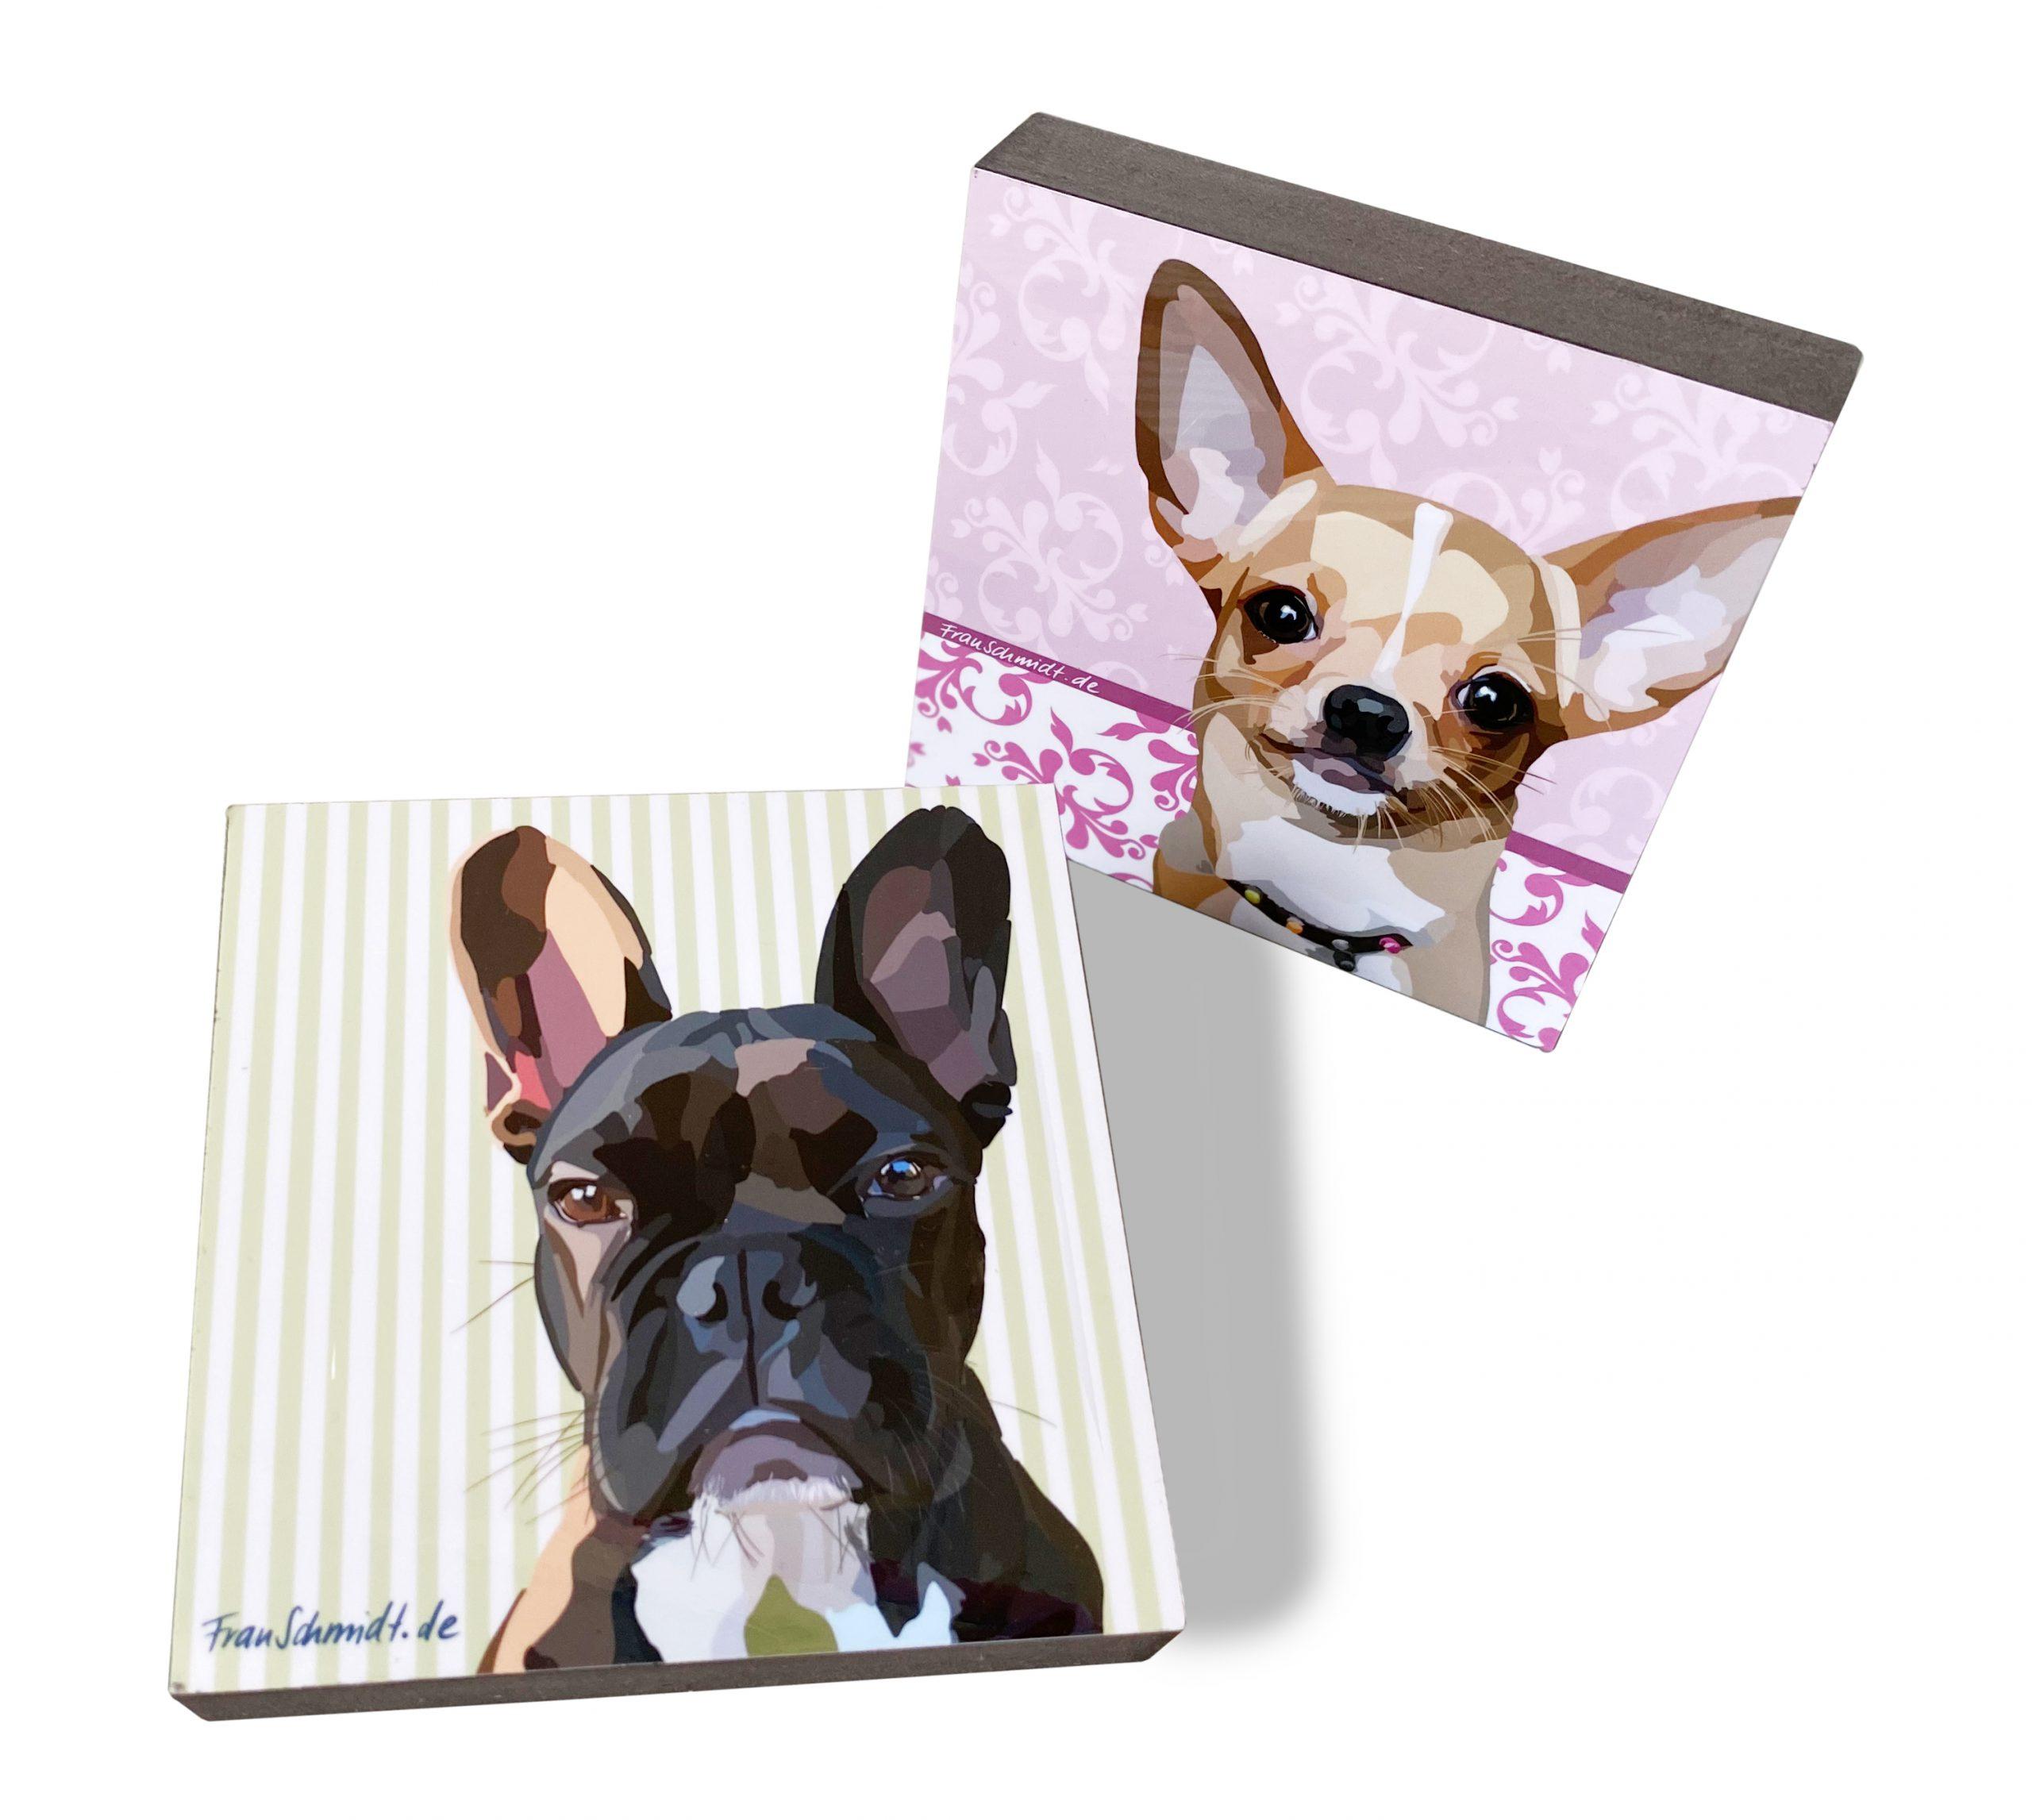 FrauSchmidt-Tierisch-feines-Design-deine Hunde Spike und Sissy